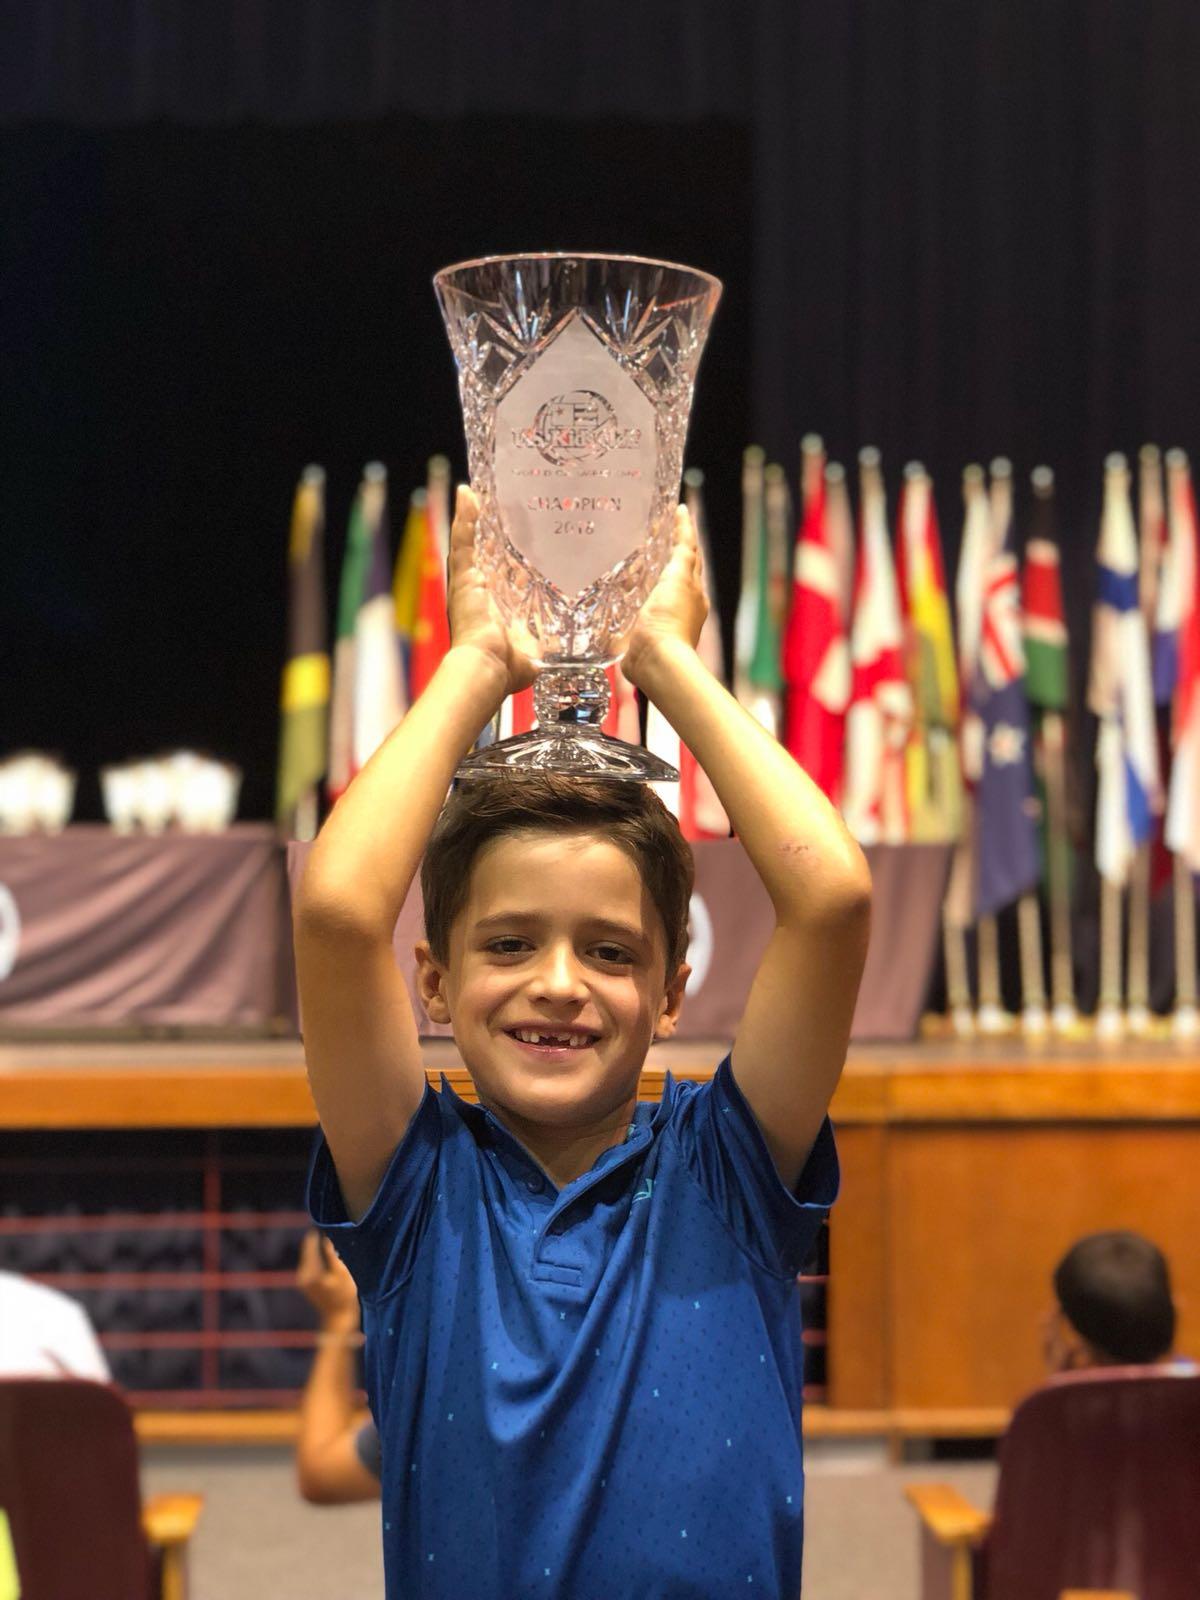 Jovem Bento Assis é bicampeão do Mundial do U.S Kids nos Estados unidos